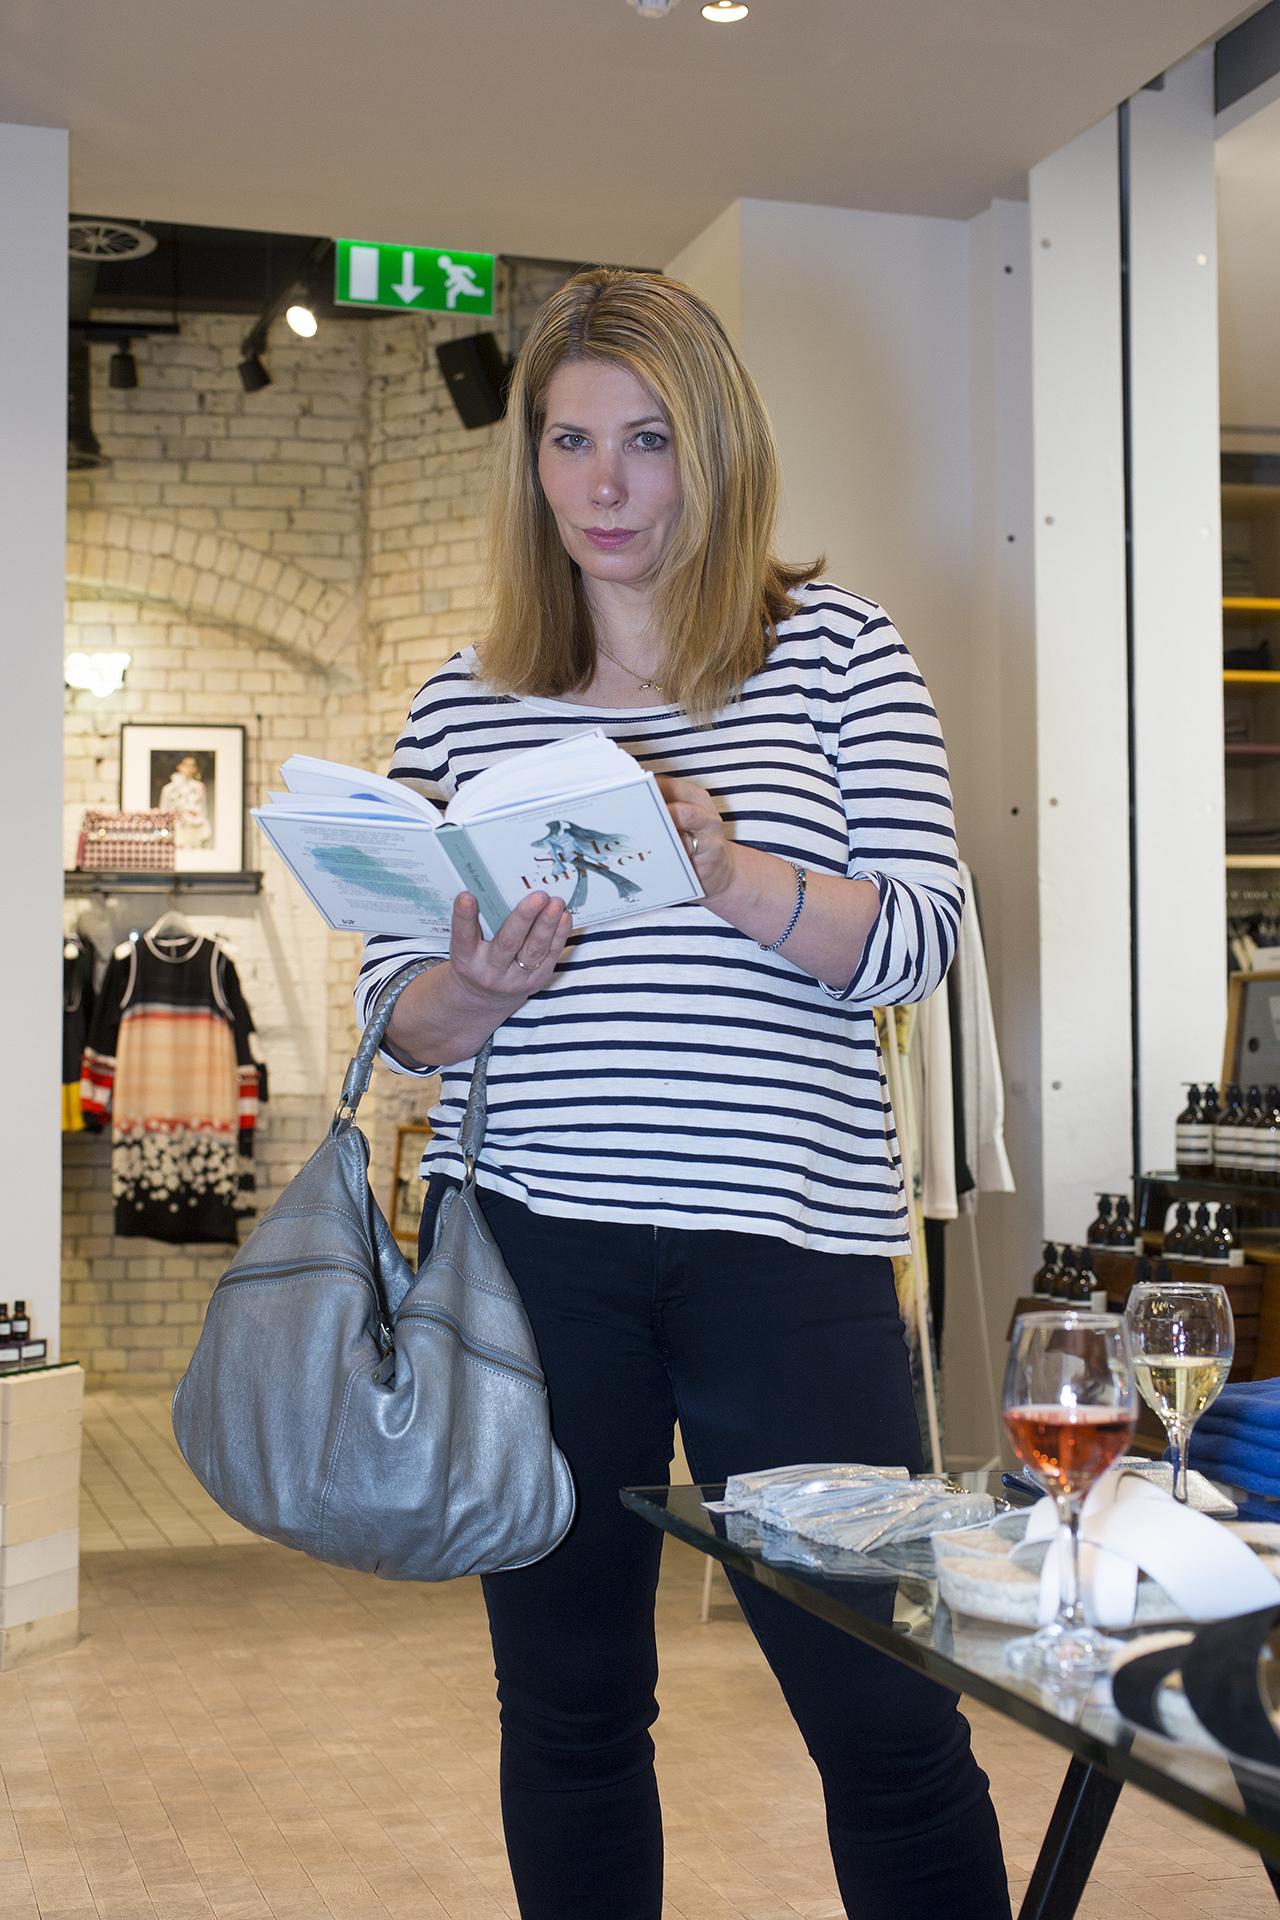 Journalist Leah Hardy